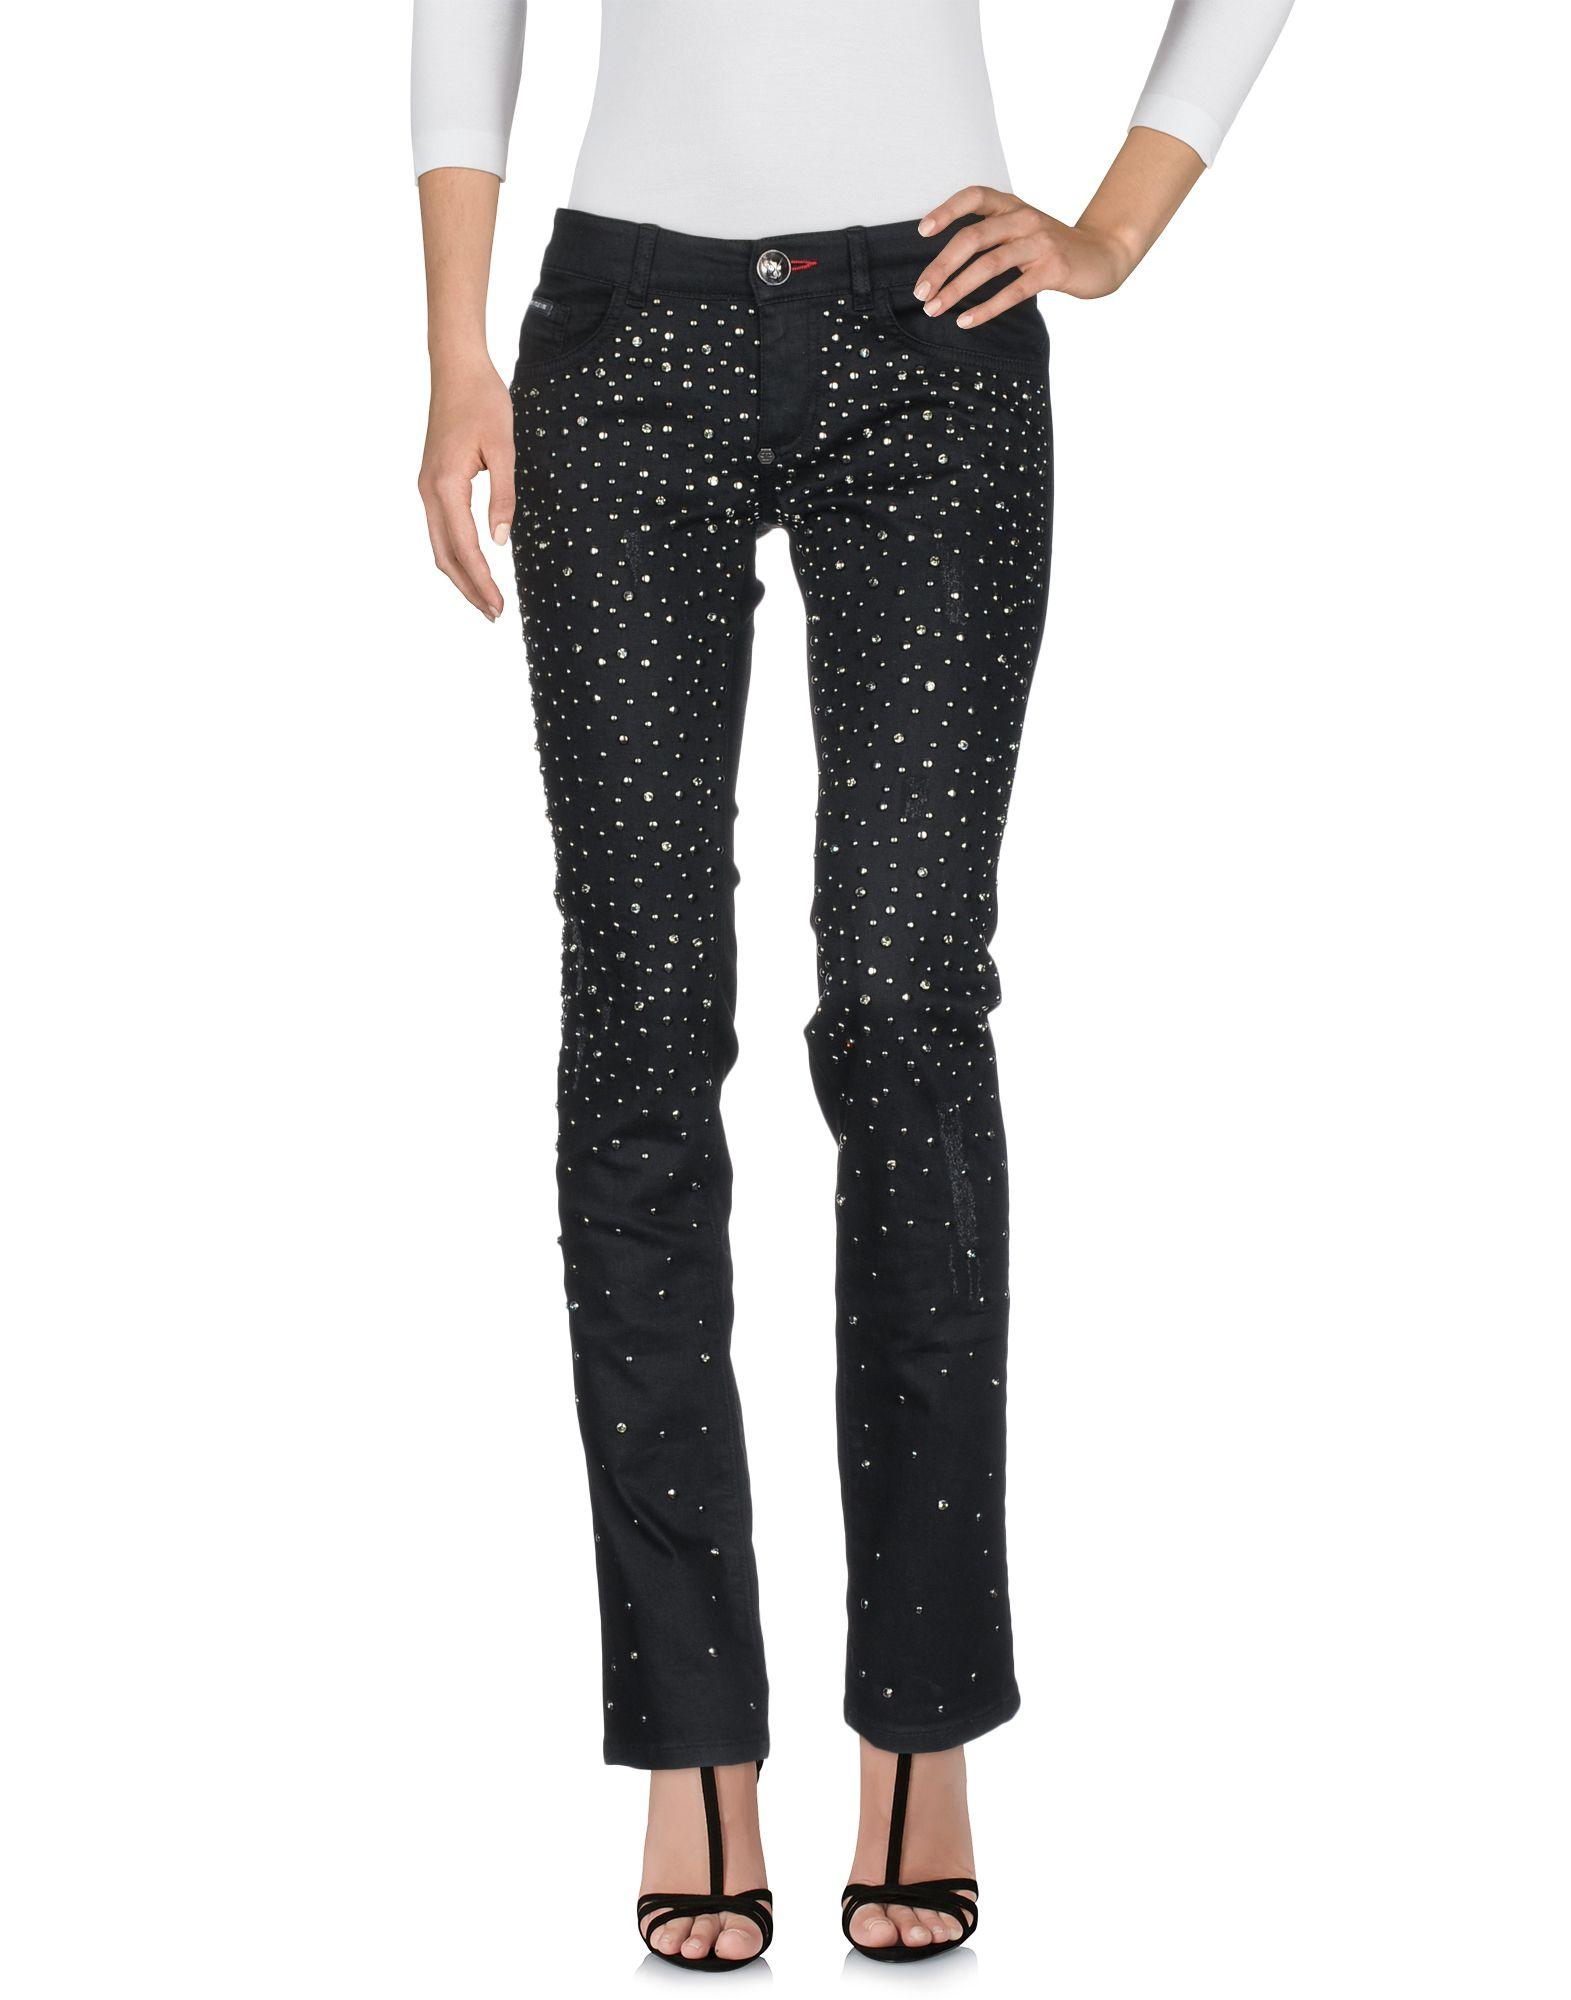 Pantaloni Jeans Philipp Plein Donna - Acquista online su cMeSJW